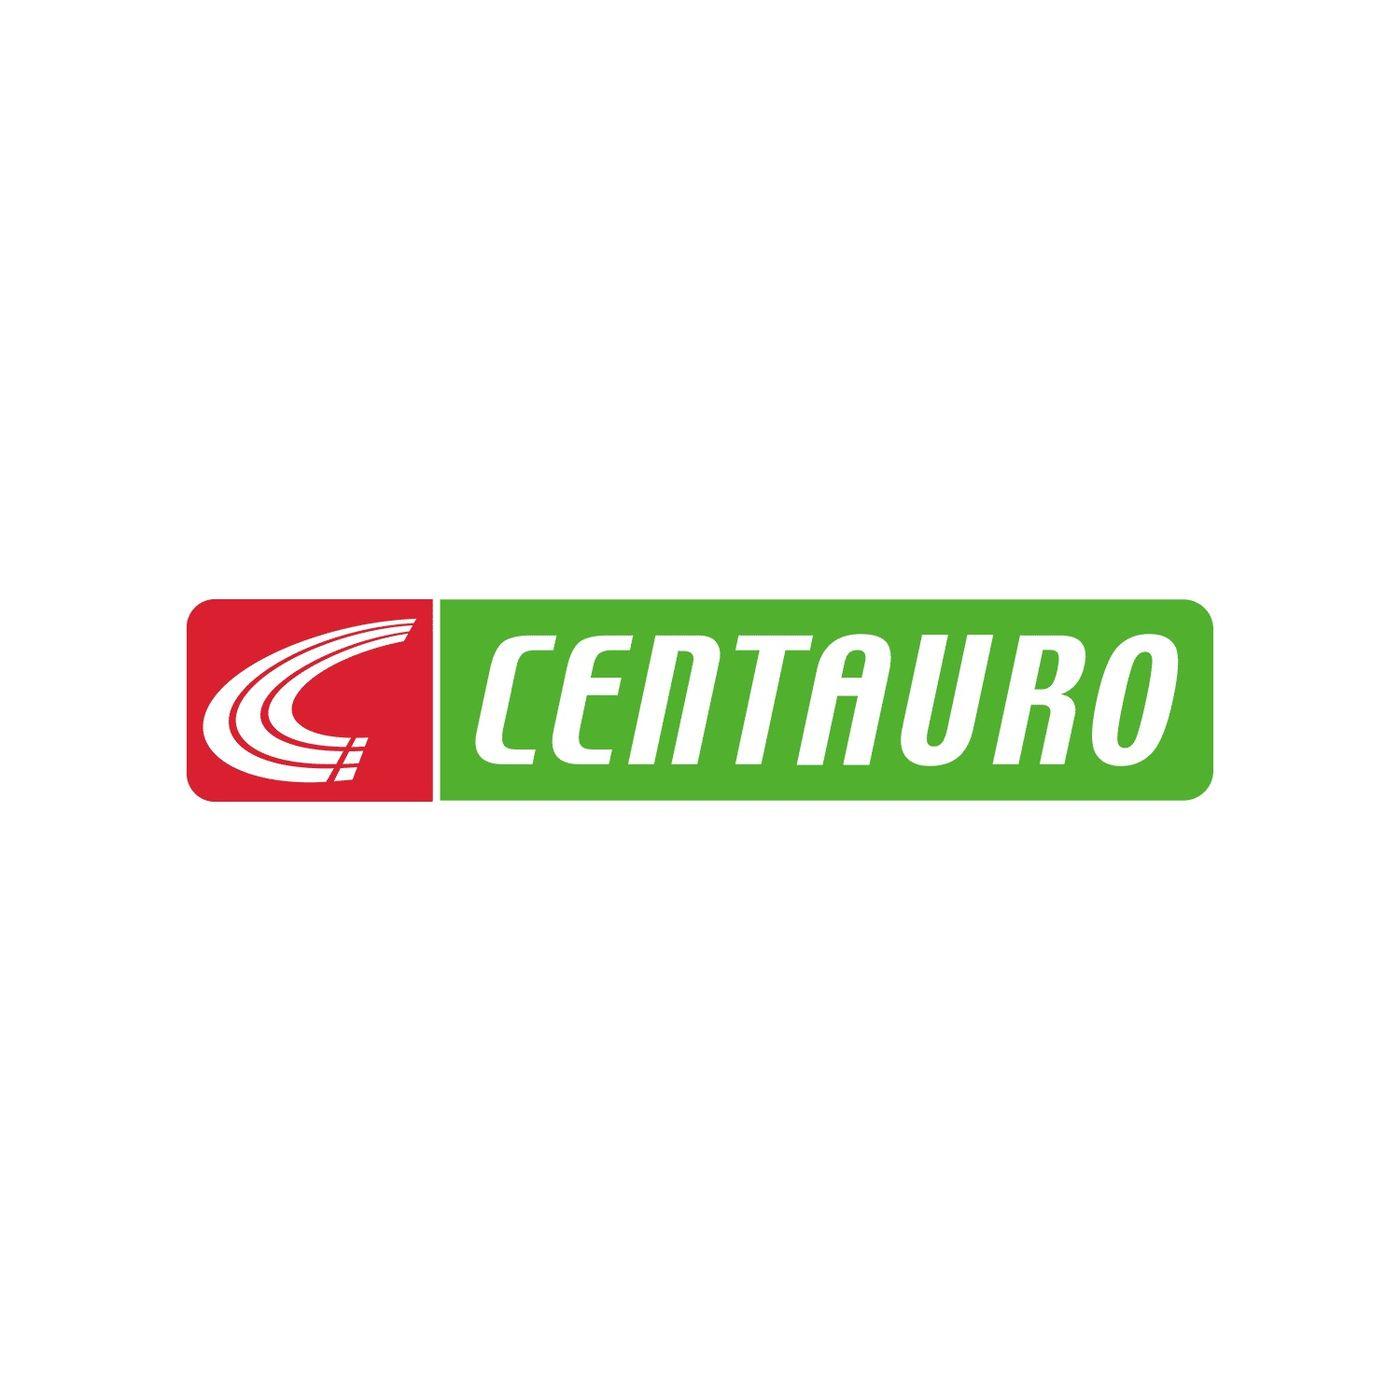 Teleconferência do Resultado Centauro  (CNTO3) 4 trimestre 2019 - 4t19